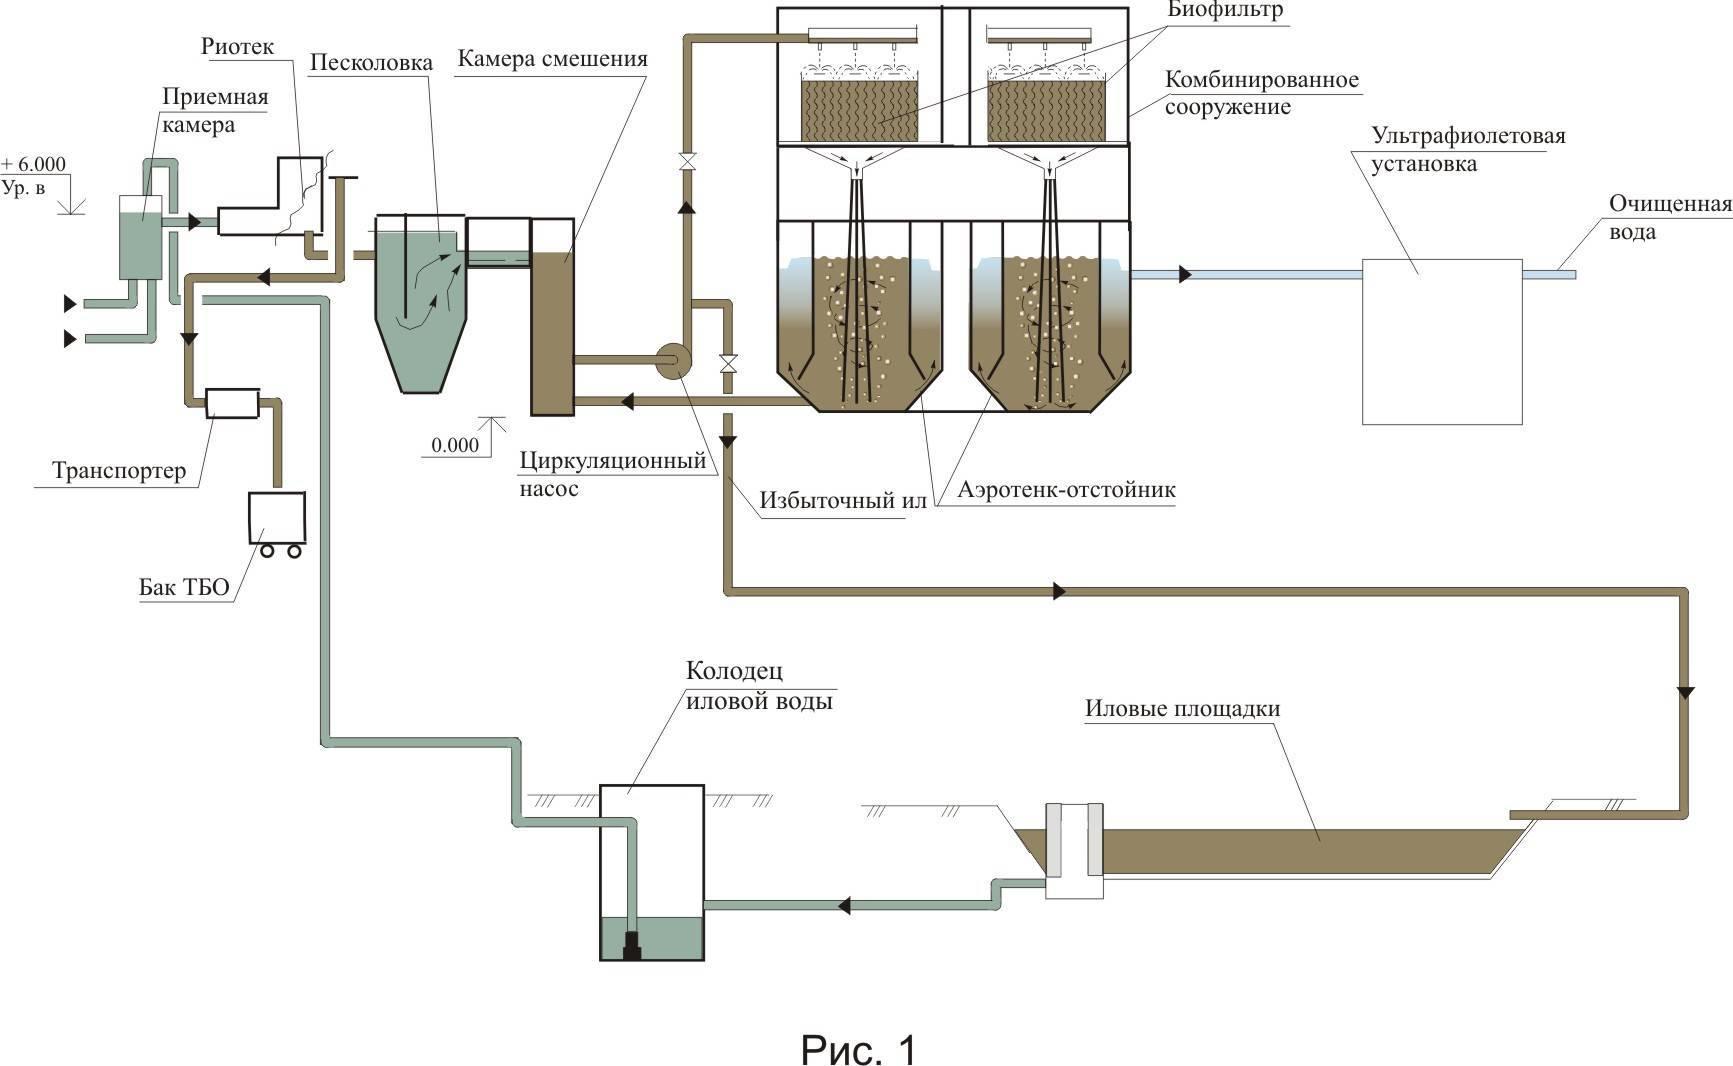 Песколовки для очистки сточных вод: принцип работы, что это за приспособление, какие виды бывают, где применяются и как рассчитать основые параметры при выборе?